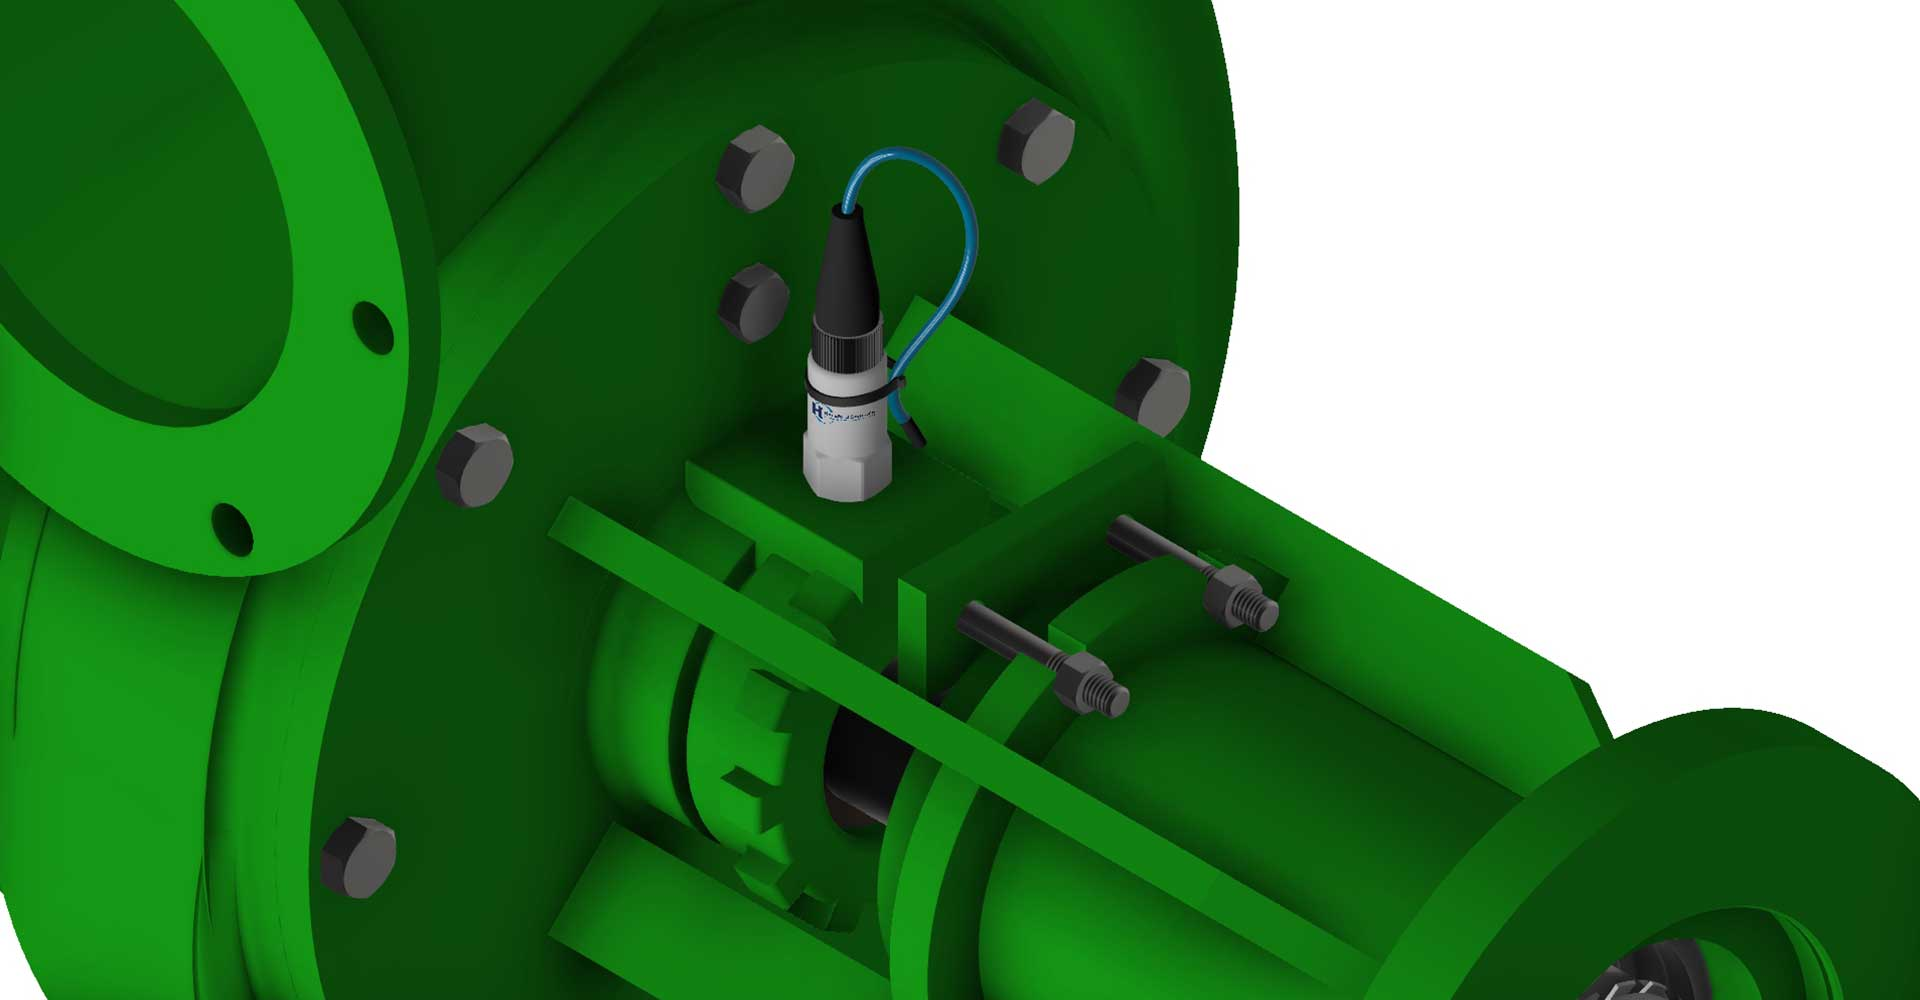 grafika 3D widok czujnika drgań zamontowanego na pompie